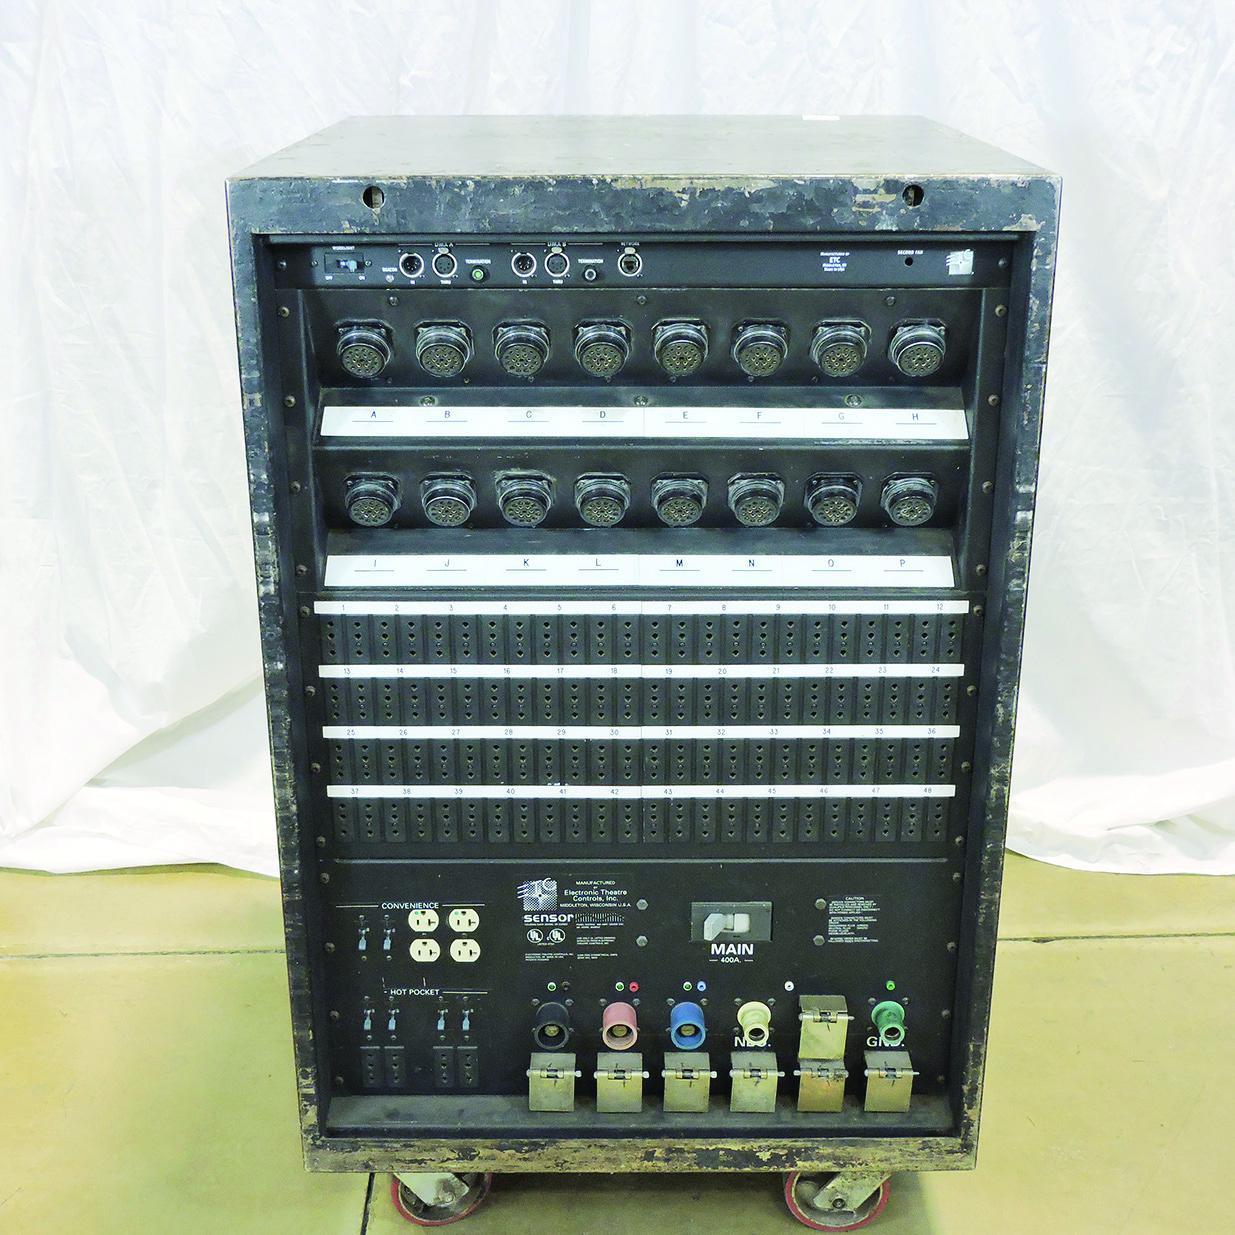 PRG Proshop - ETC Sensor 3 Dimmer Rack 48 x 2 4K - 400A 2 Patch